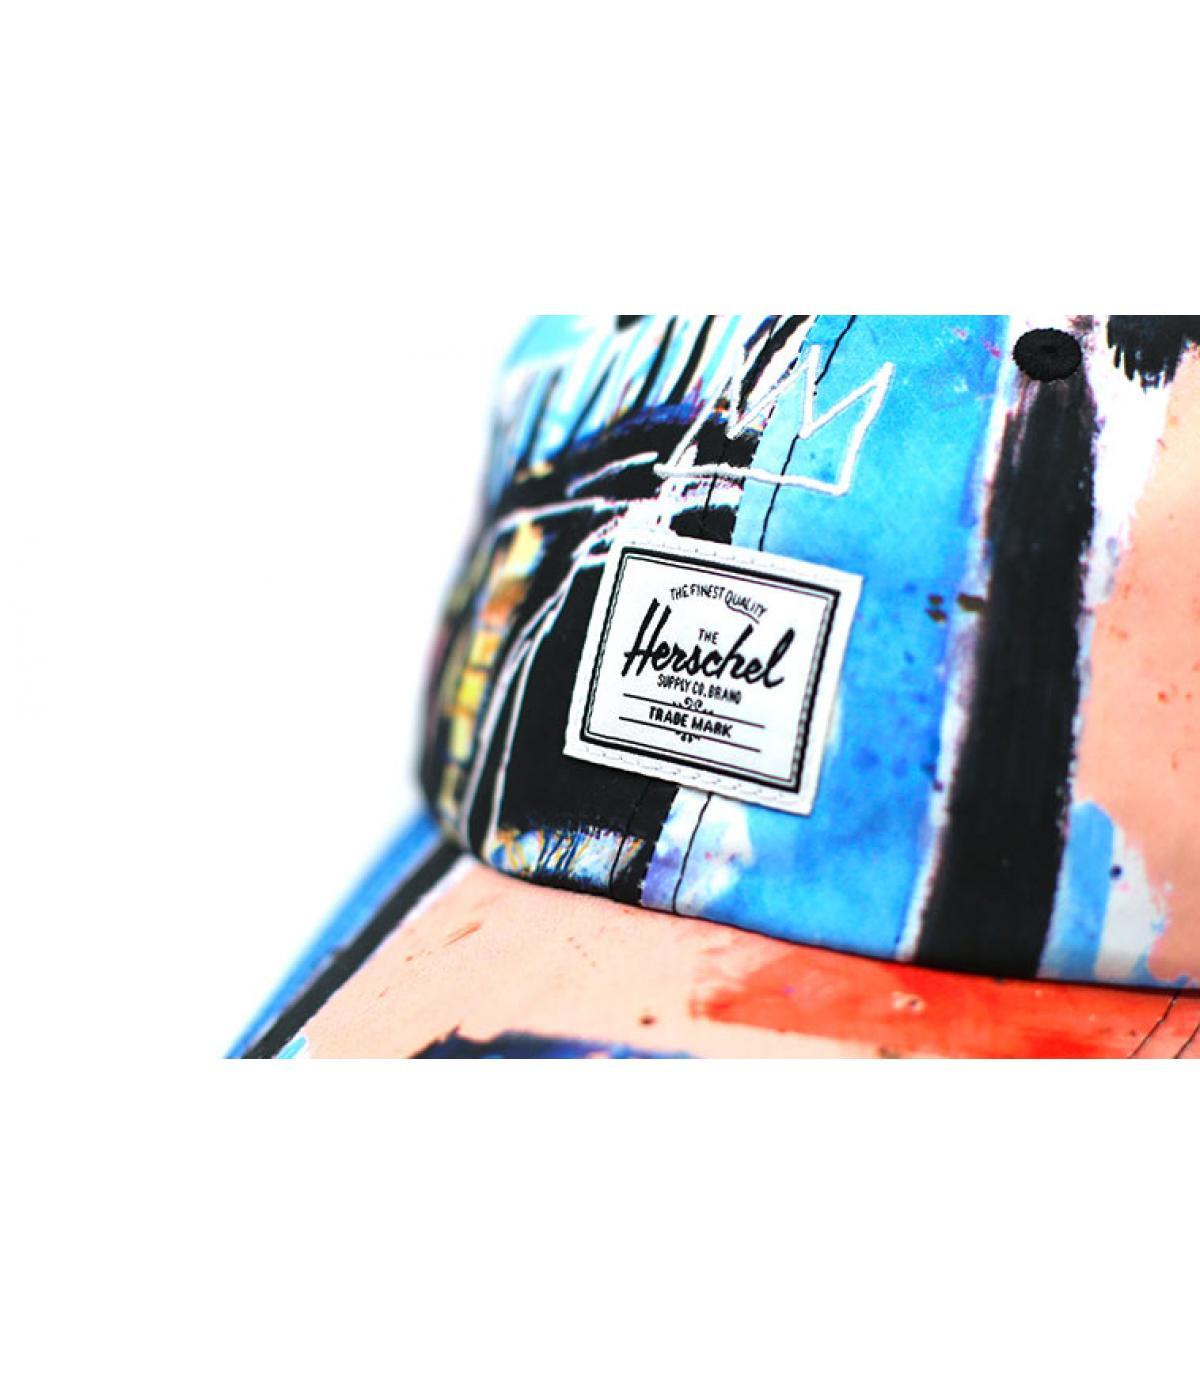 Détails Curve Basquiat Mosby Voyage - image 3